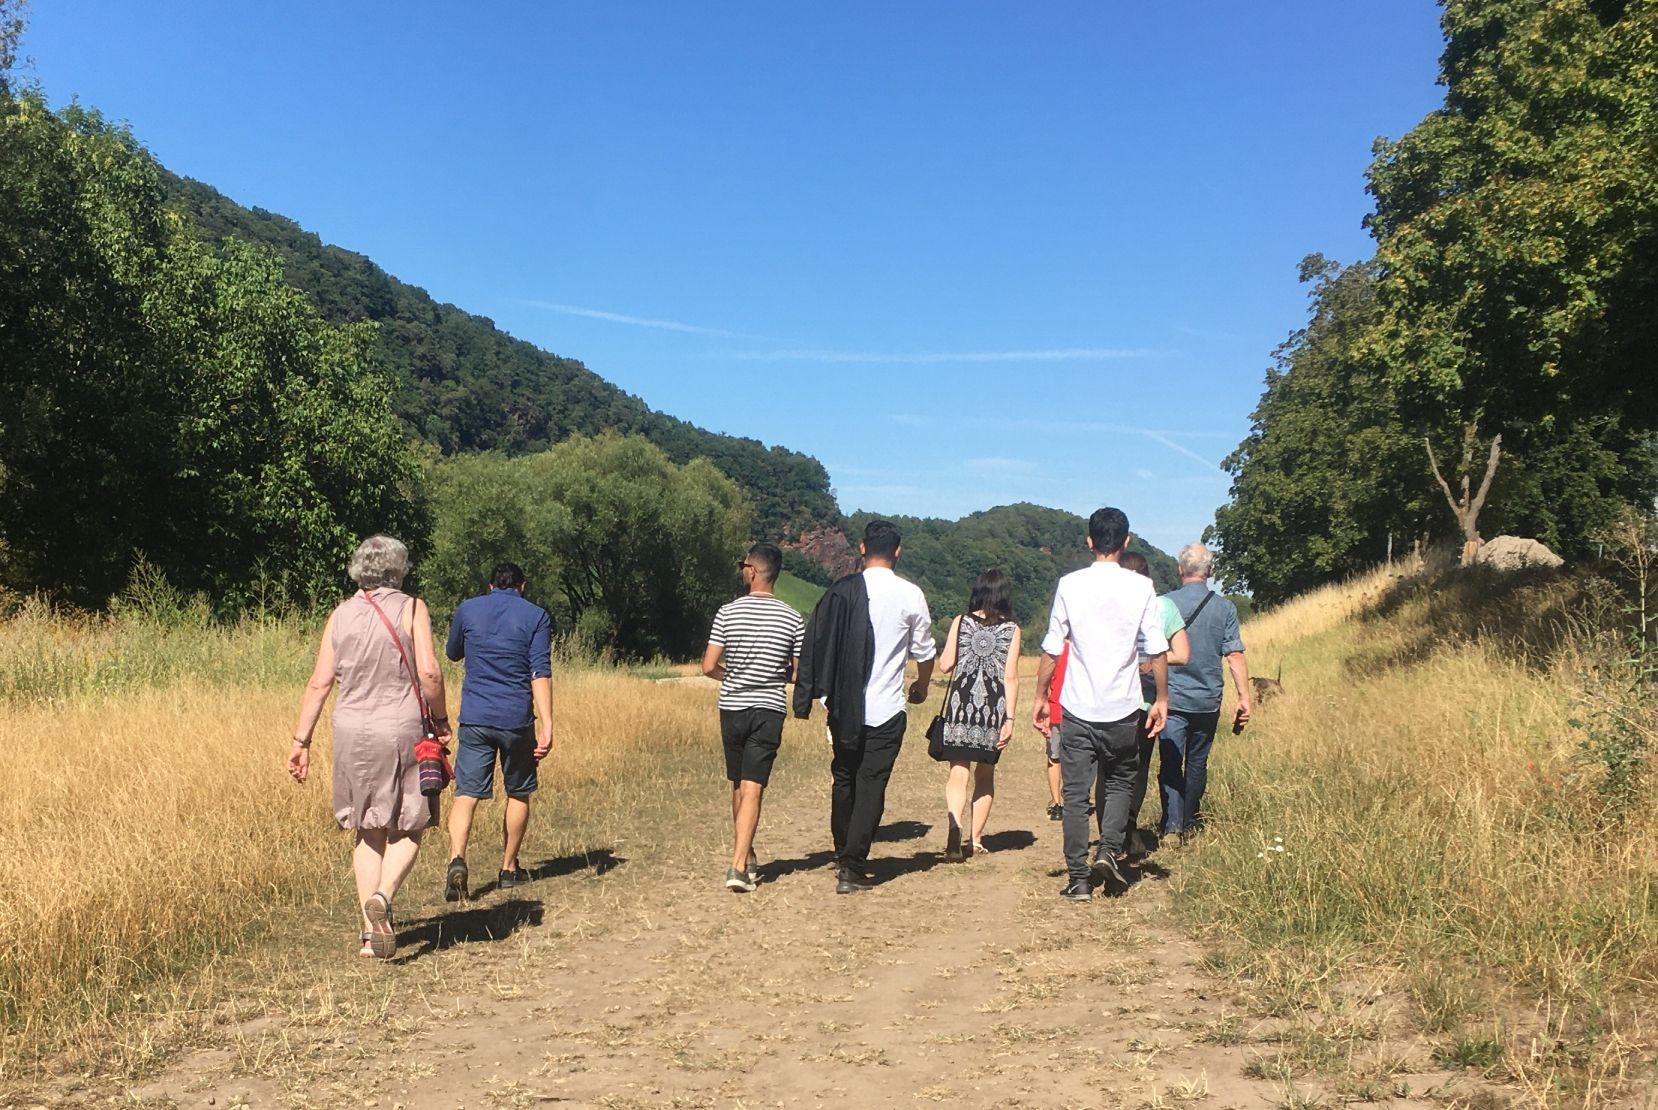 eine Gruppe von Menschen ist von hinten aufgenommen. Sie gehen neben- und hintereinander einen Weg durch ein Tal entlang. Das vorhandenen Gras ist von der Sonne getrocknet. Rechts und links ziehen sich grüne Bäume die Hänge hoch. Der Himmel ist knallblau.